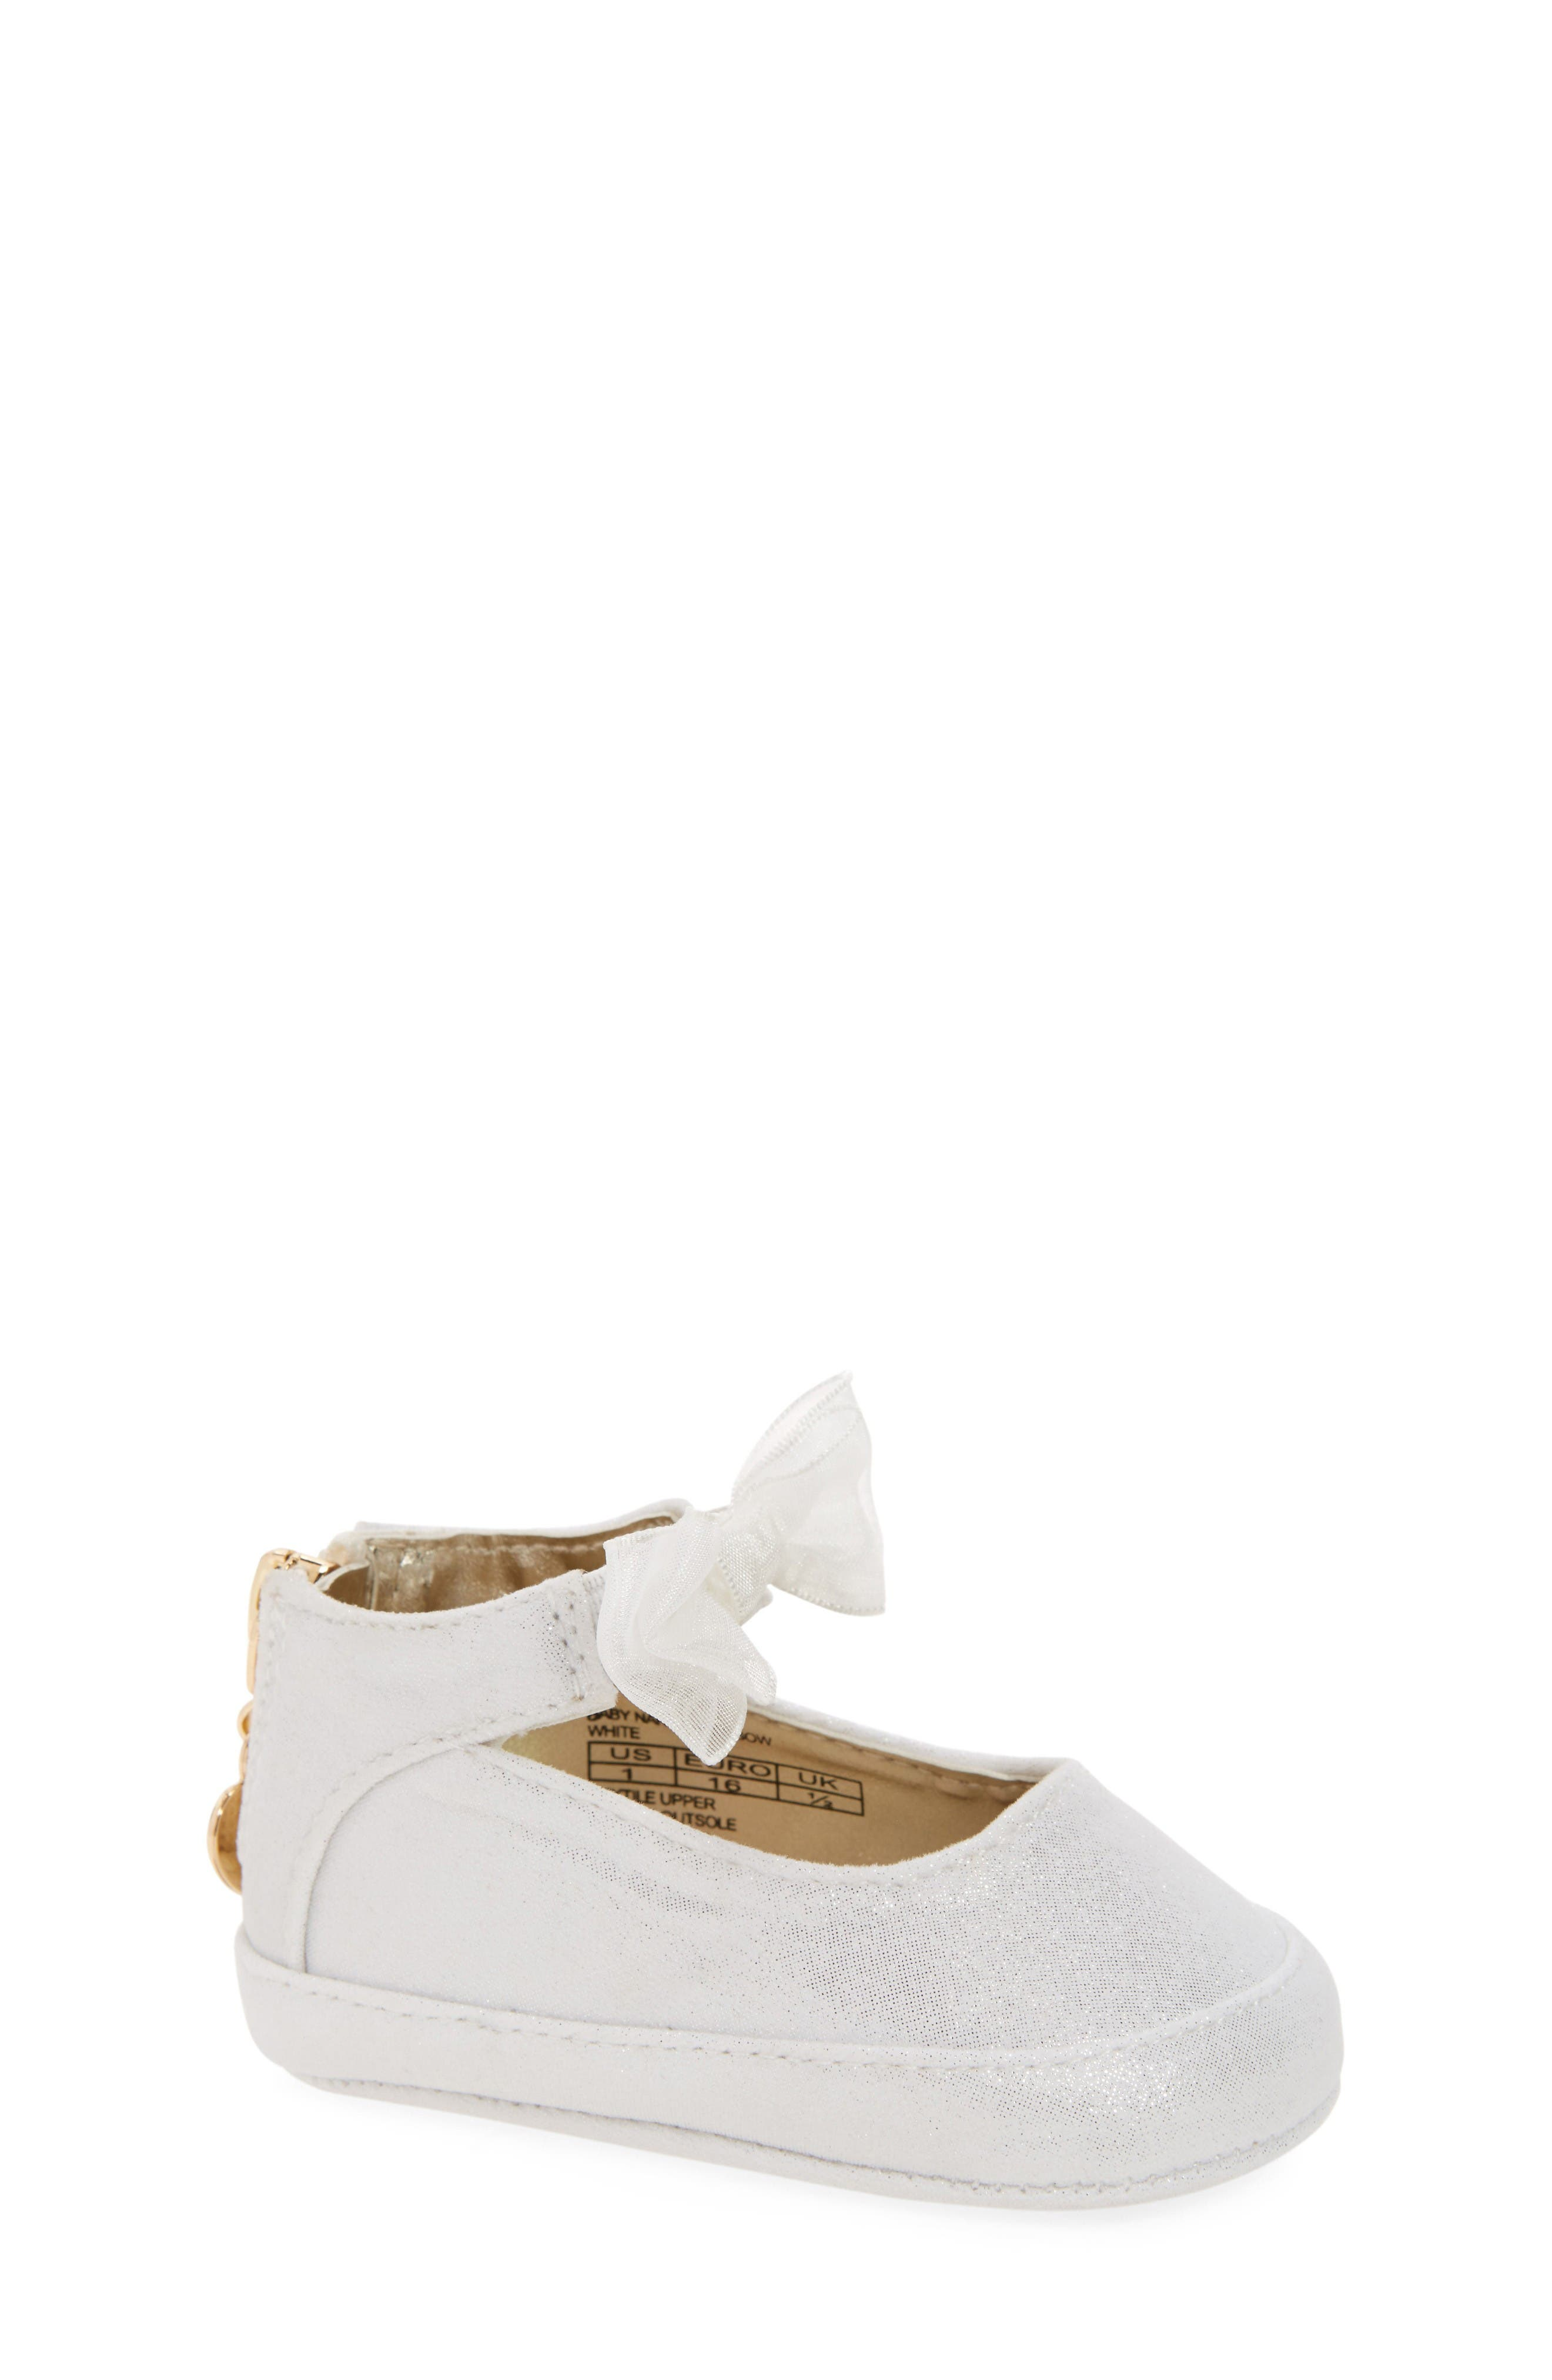 Stuart Weitzman Baby Nantucket Crib Shoe (Baby)